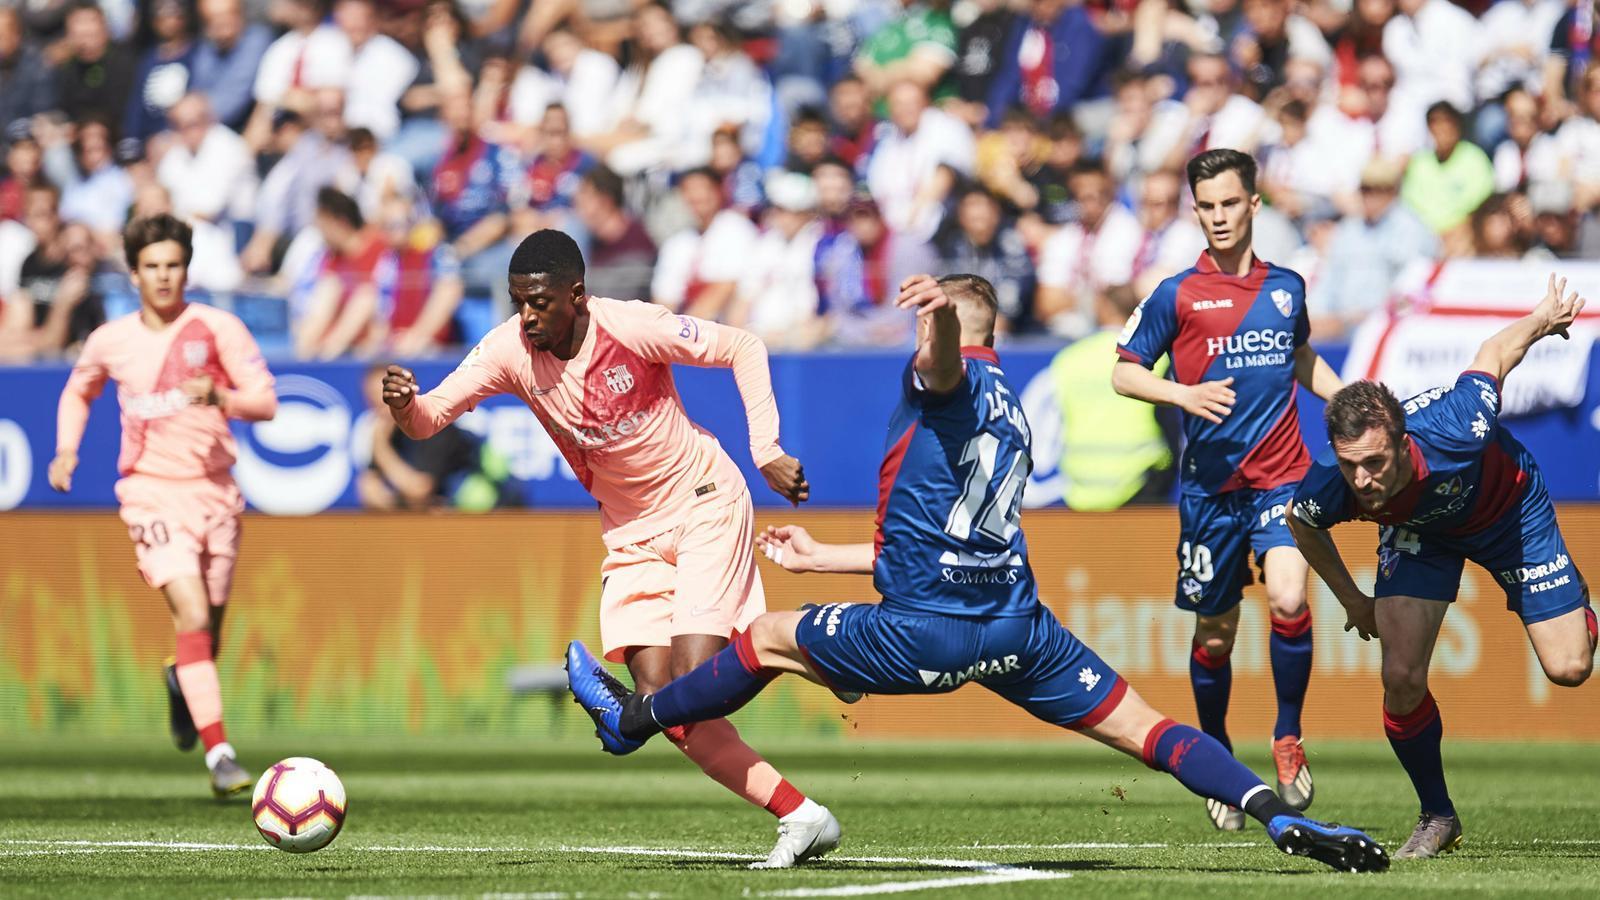 Un Barça tan inèdit com ensopit empata a res contra l'Osca (0-0)